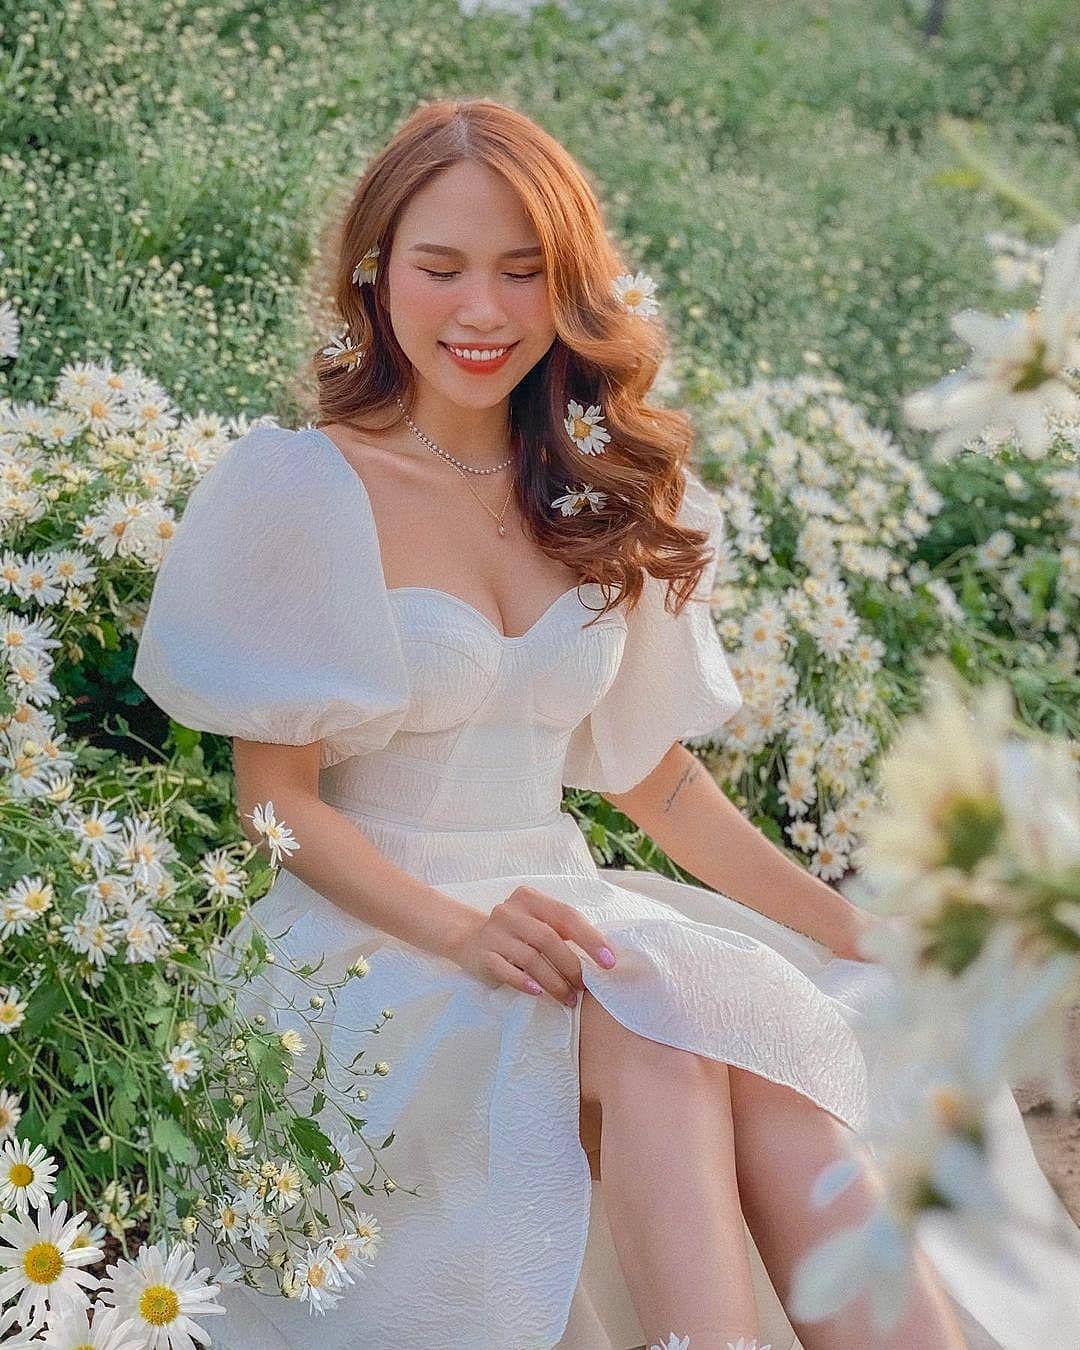 """dep toi """"hon xieu phach lac"""" vuon cuc hoa mi trangtinh khoi it nguoi biet o ha noi - anh 25"""